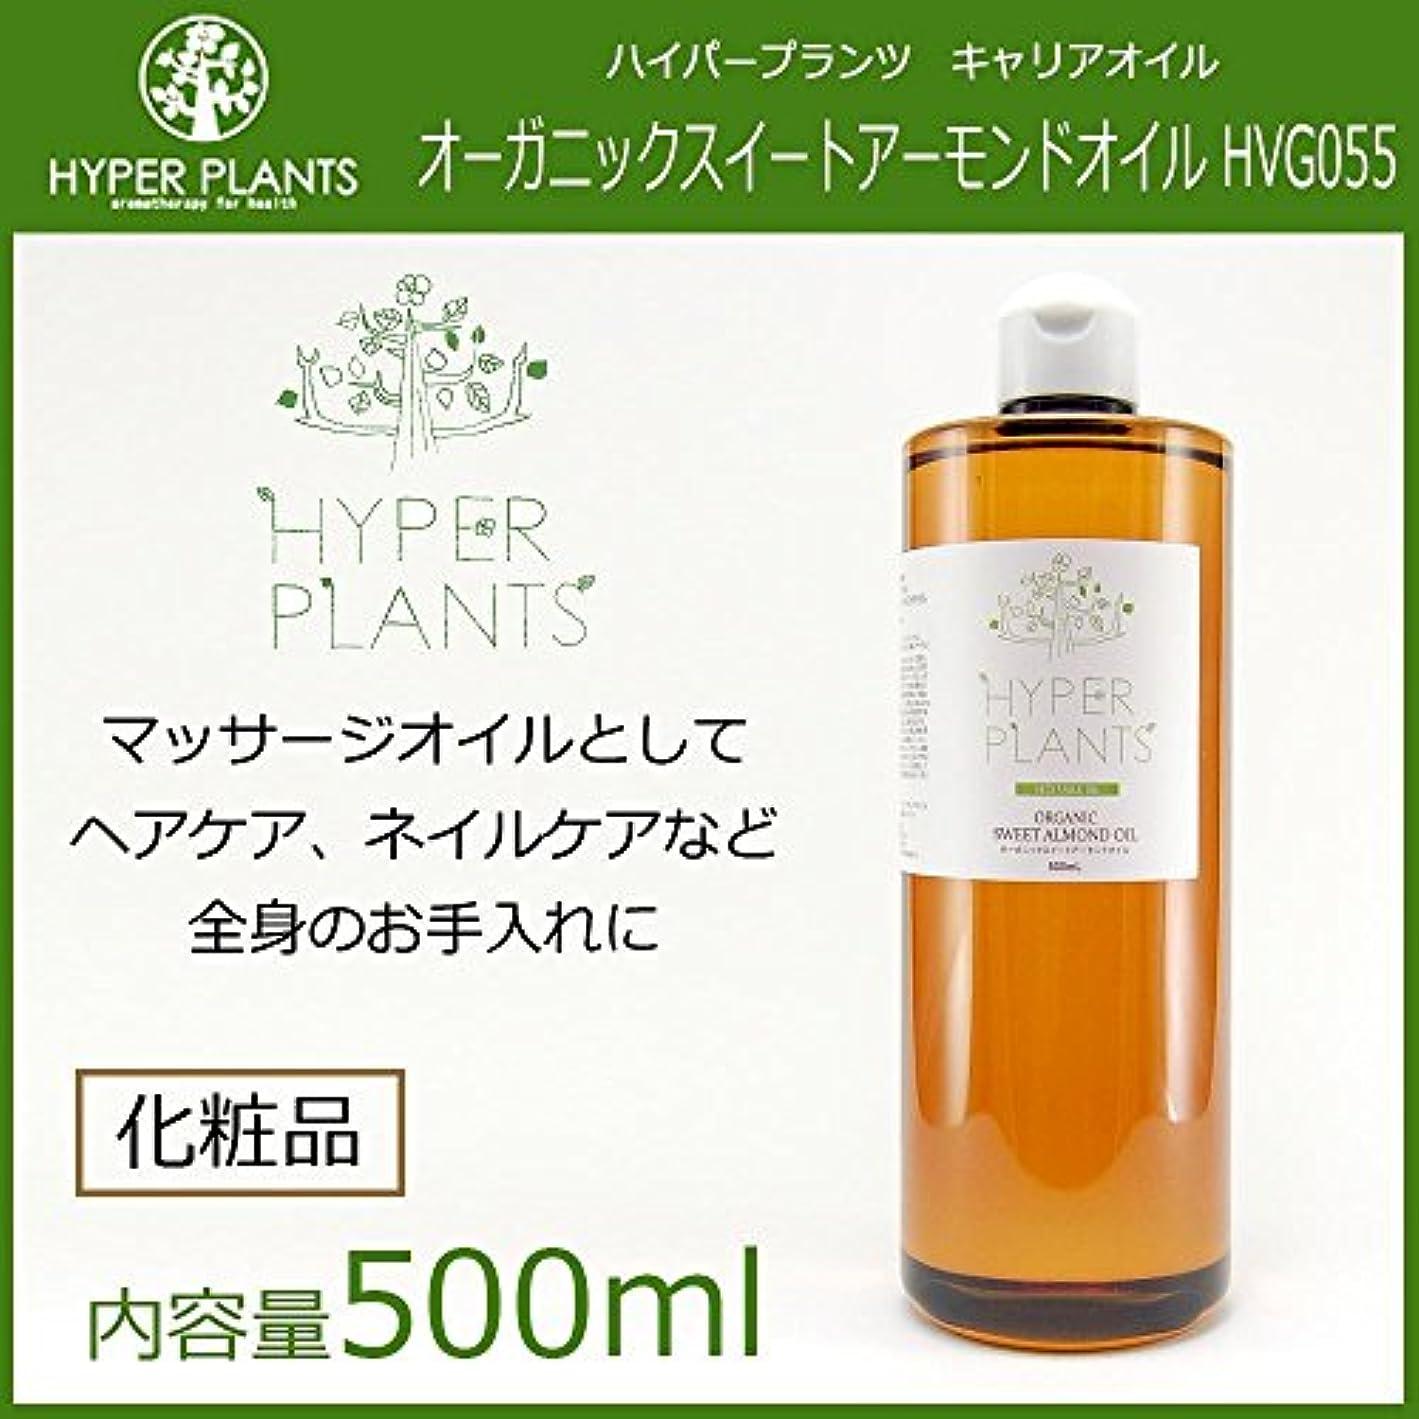 反発辞書提唱するHYPER PLANTS ハイパープランツ キャリアオイル オーガニックスイートアーモンドオイル 500ml HVG055